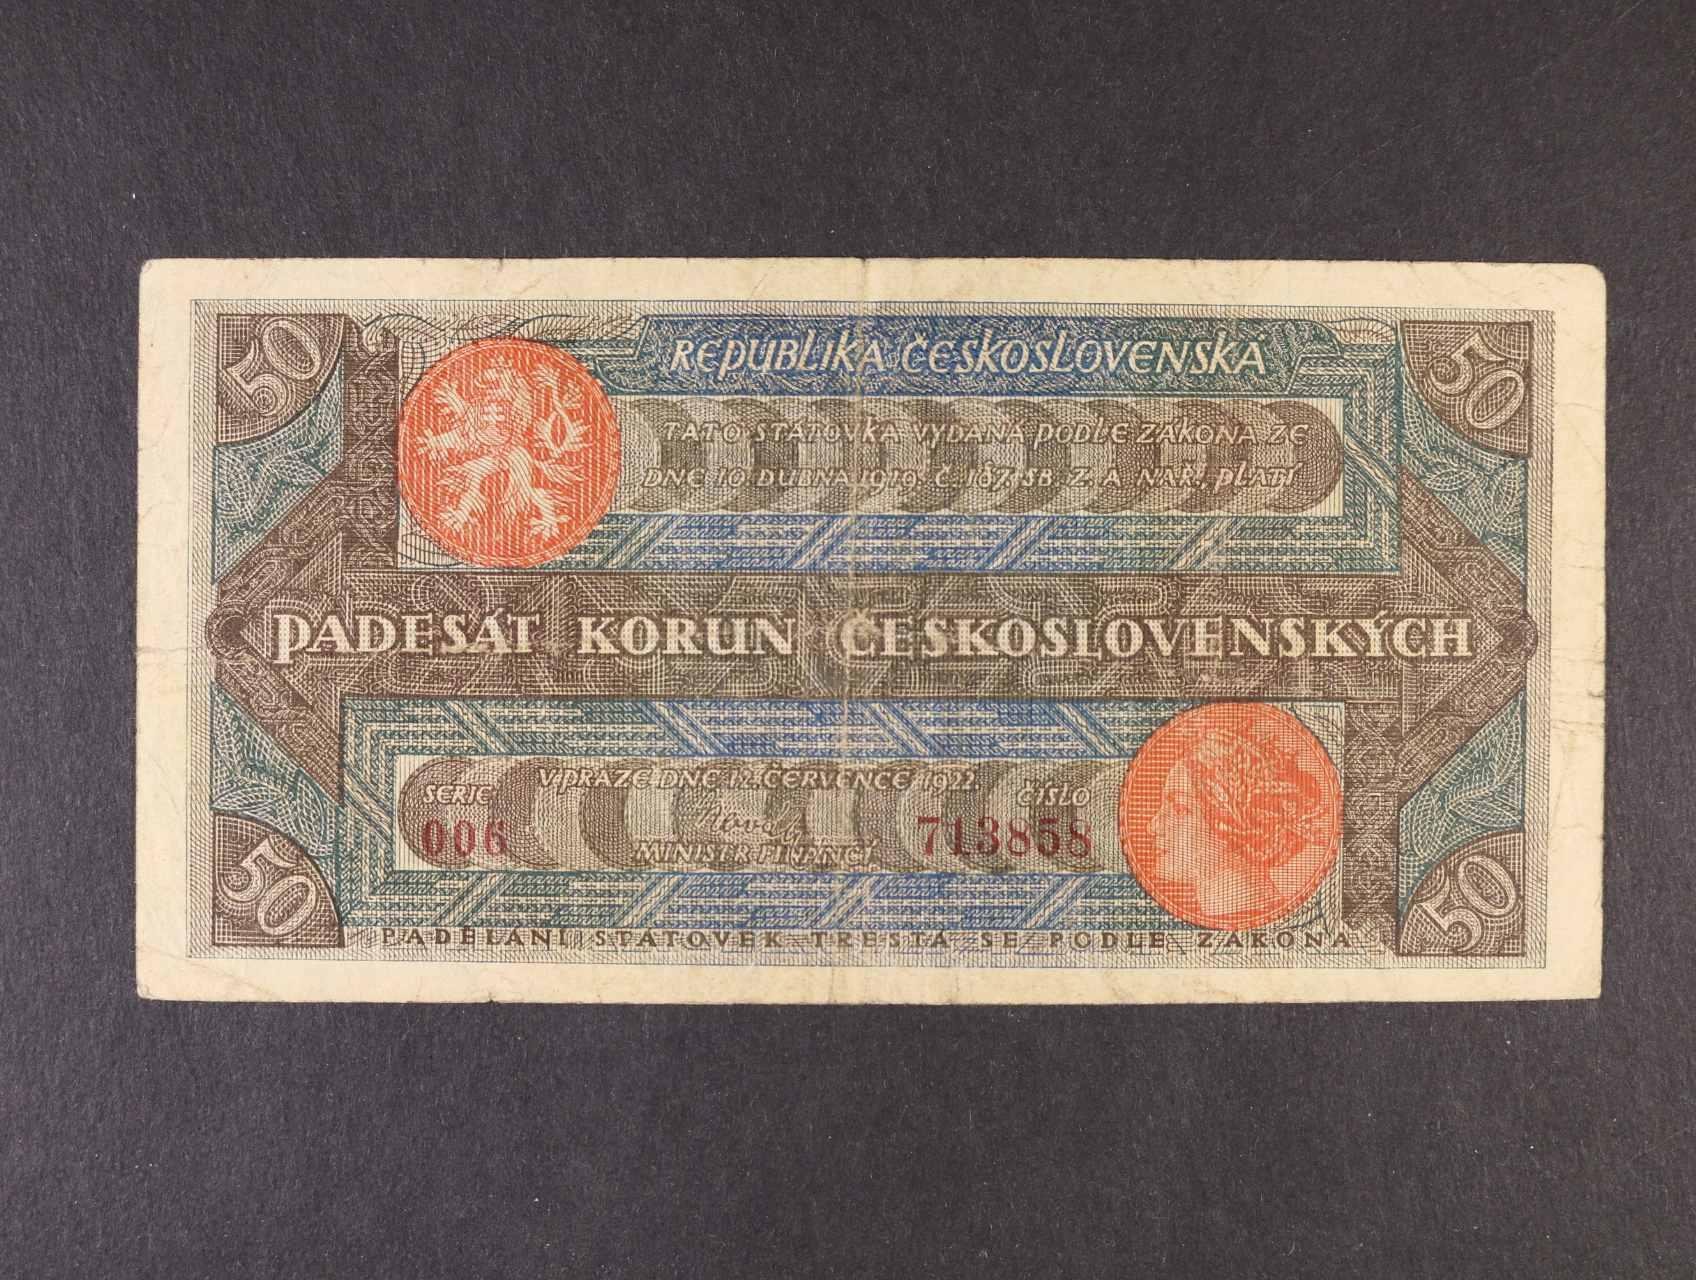 50 Kč 12.7.1922 série 006 číslovač 4d úzké číslice, Ba. 19a, Pi. 16a